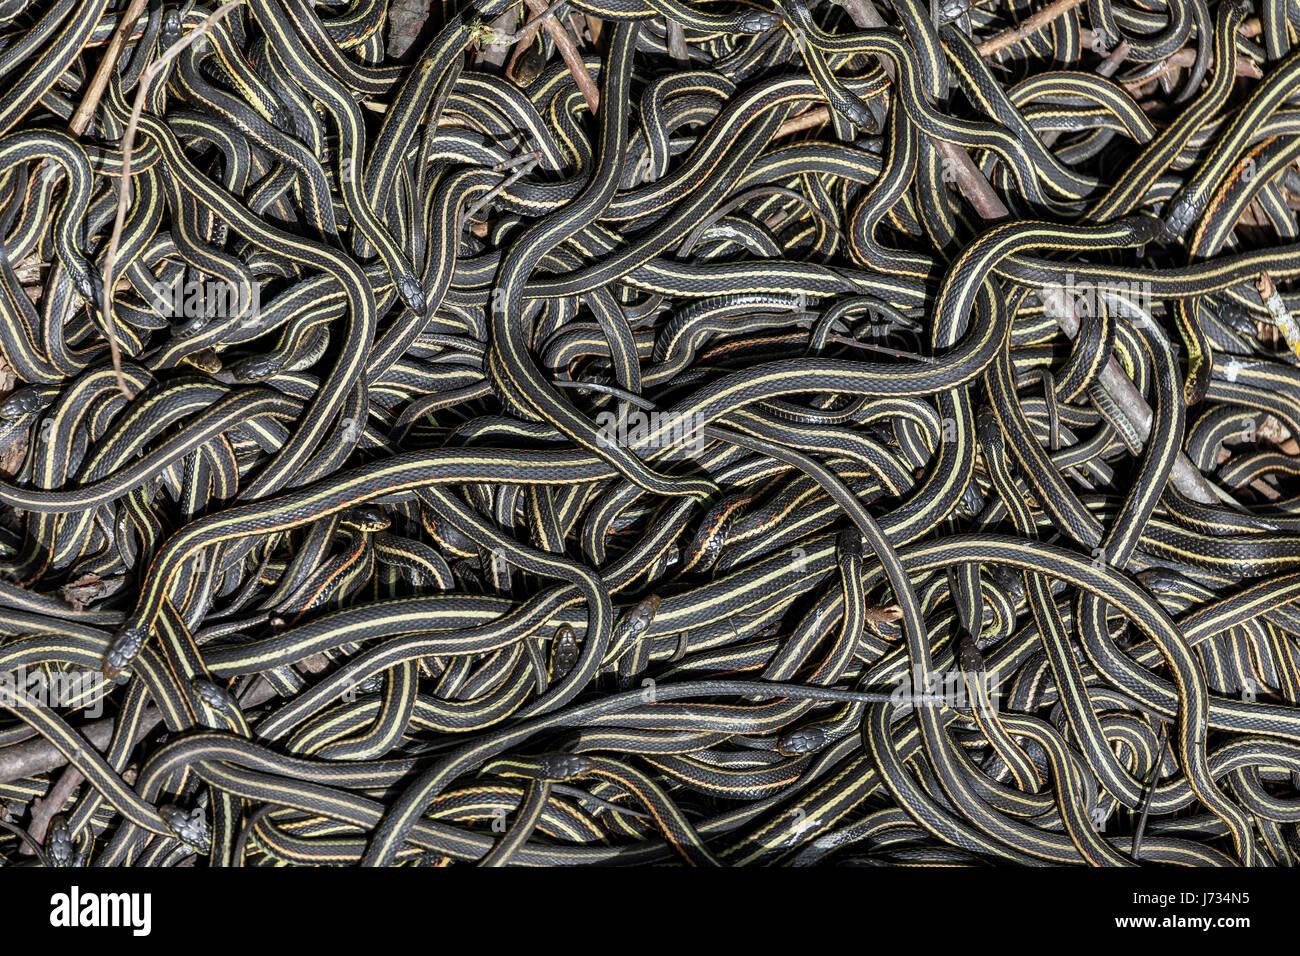 Les couleuvres rayées se sont réunis à l'accouplement annuel rituel dans la Narcisse Snake Dens, Narcisse, Manitoba, Canada. Banque D'Images